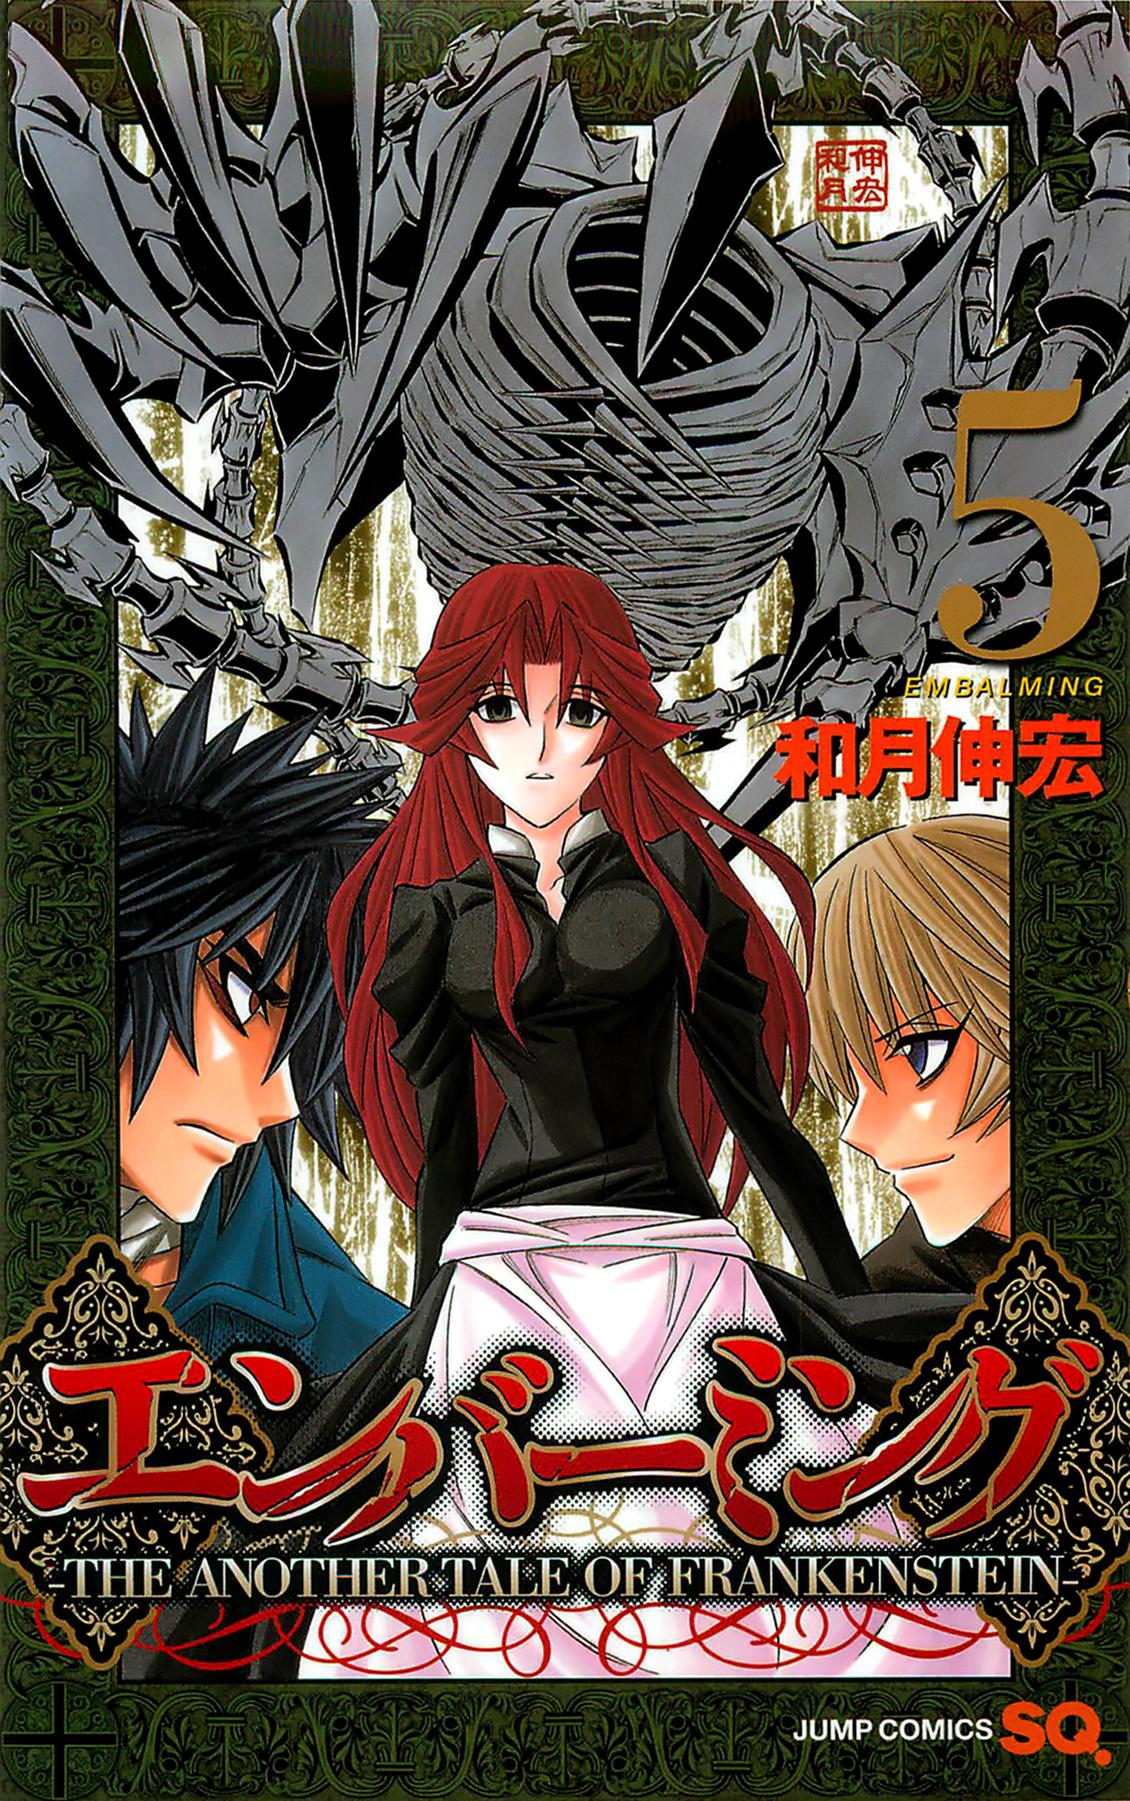 http://c5.ninemanga.com/es_manga/45/18797/447914/ac457ba972fb63b7994befc83f774746.jpg Page 2